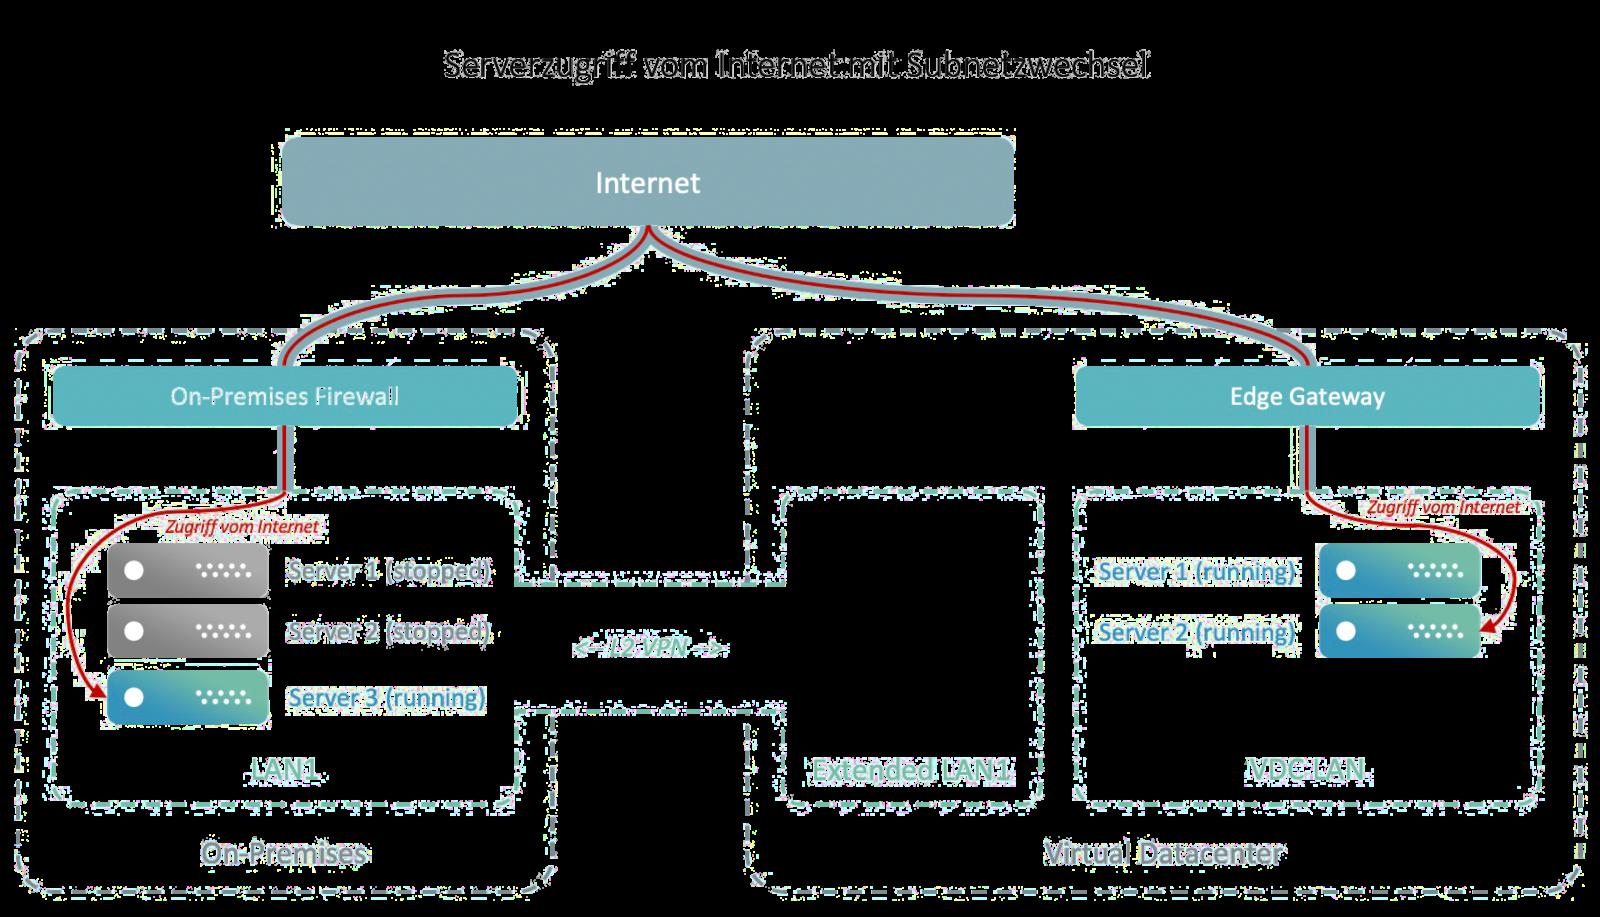 vCloud Extender: Serverzugriff vom Internet mit Subnetzwechsel